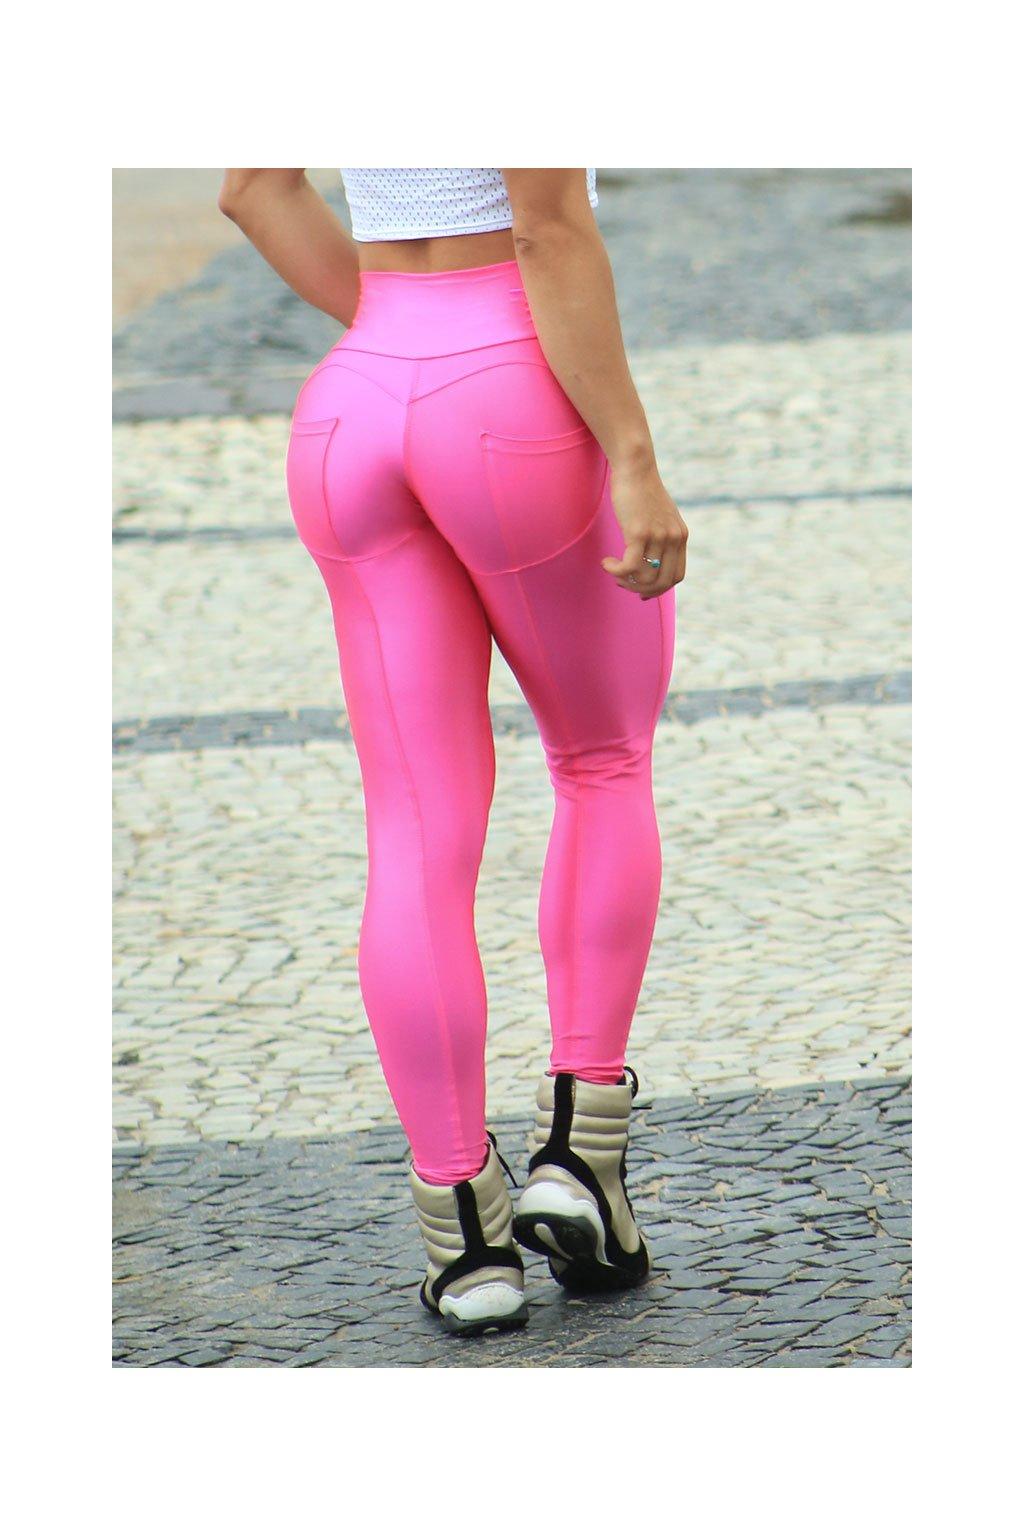 calca legging feminina pushup euphoria 81583 800x1200